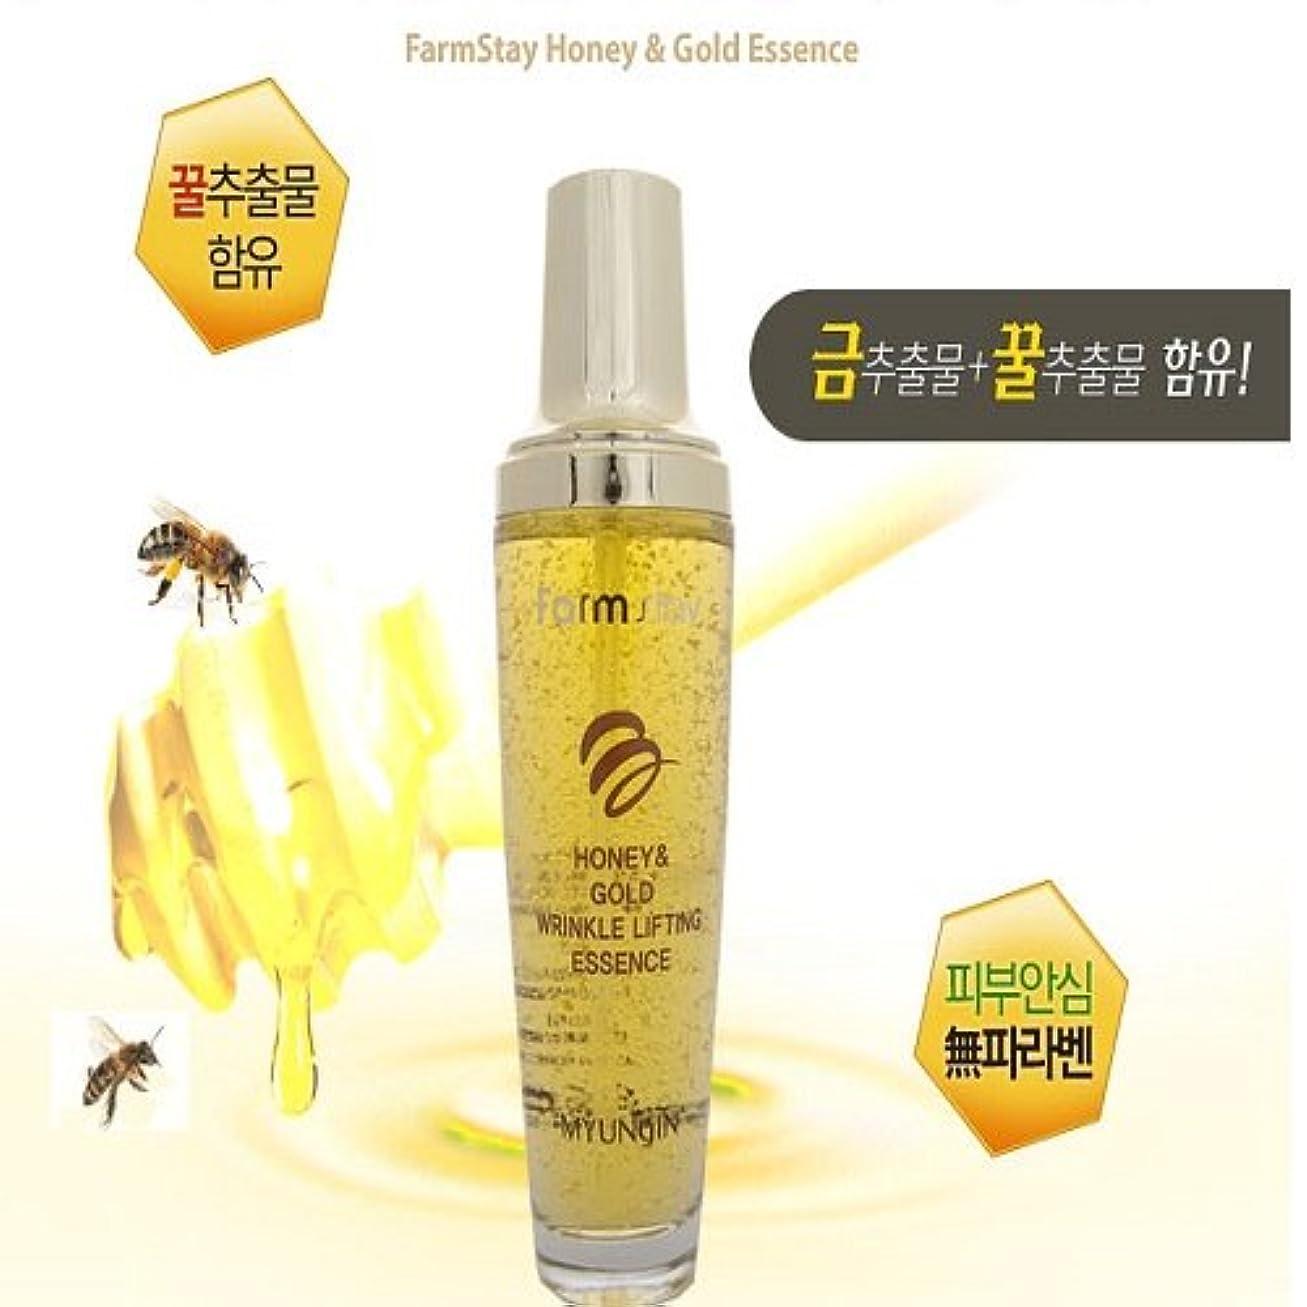 好色な車両科学者[FARM STAY] Honey & Gold Wrinkle Lifting Essence 130ml